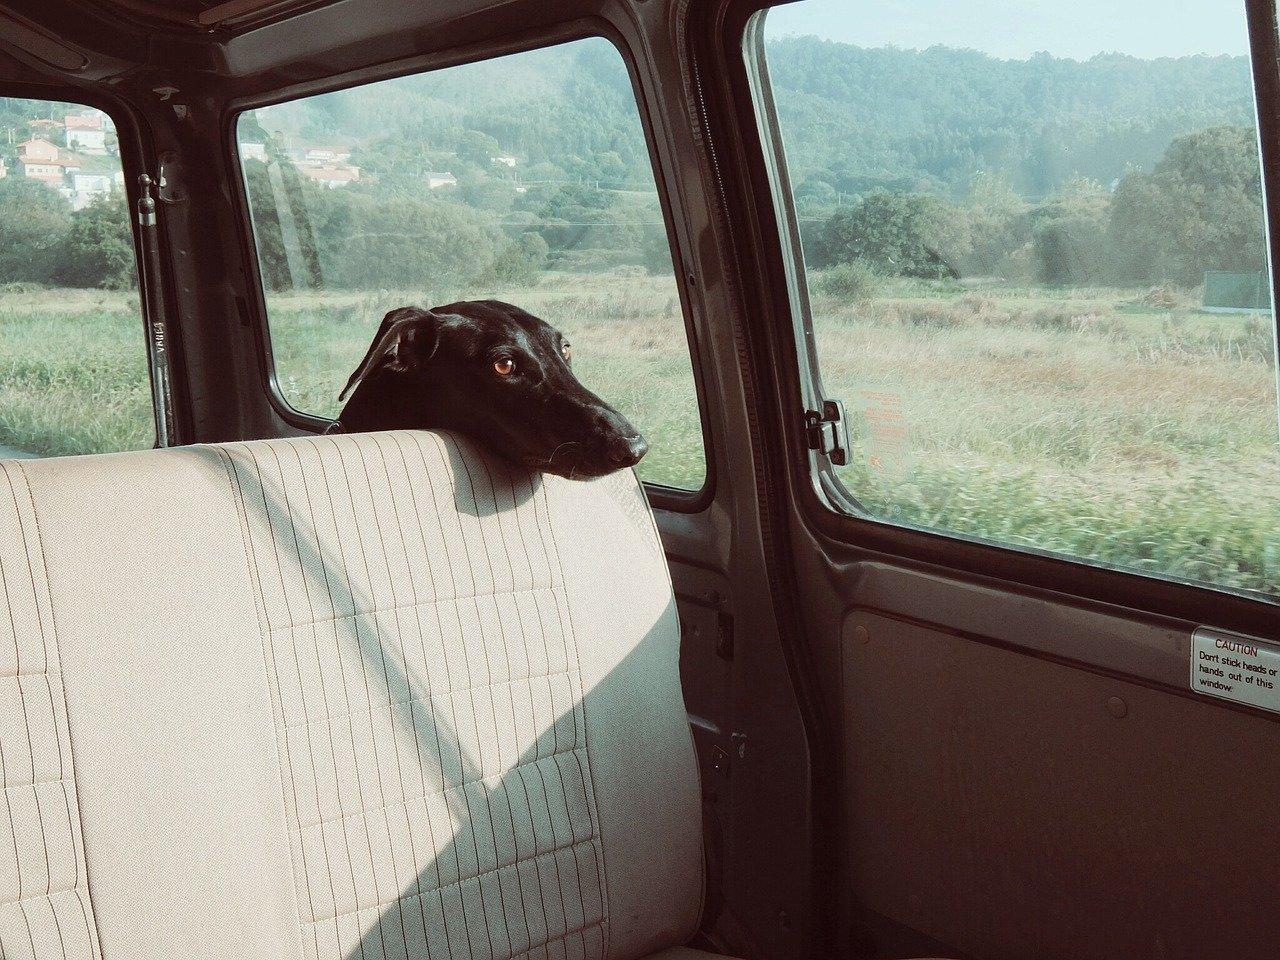 Trasportare animali domestici in auto